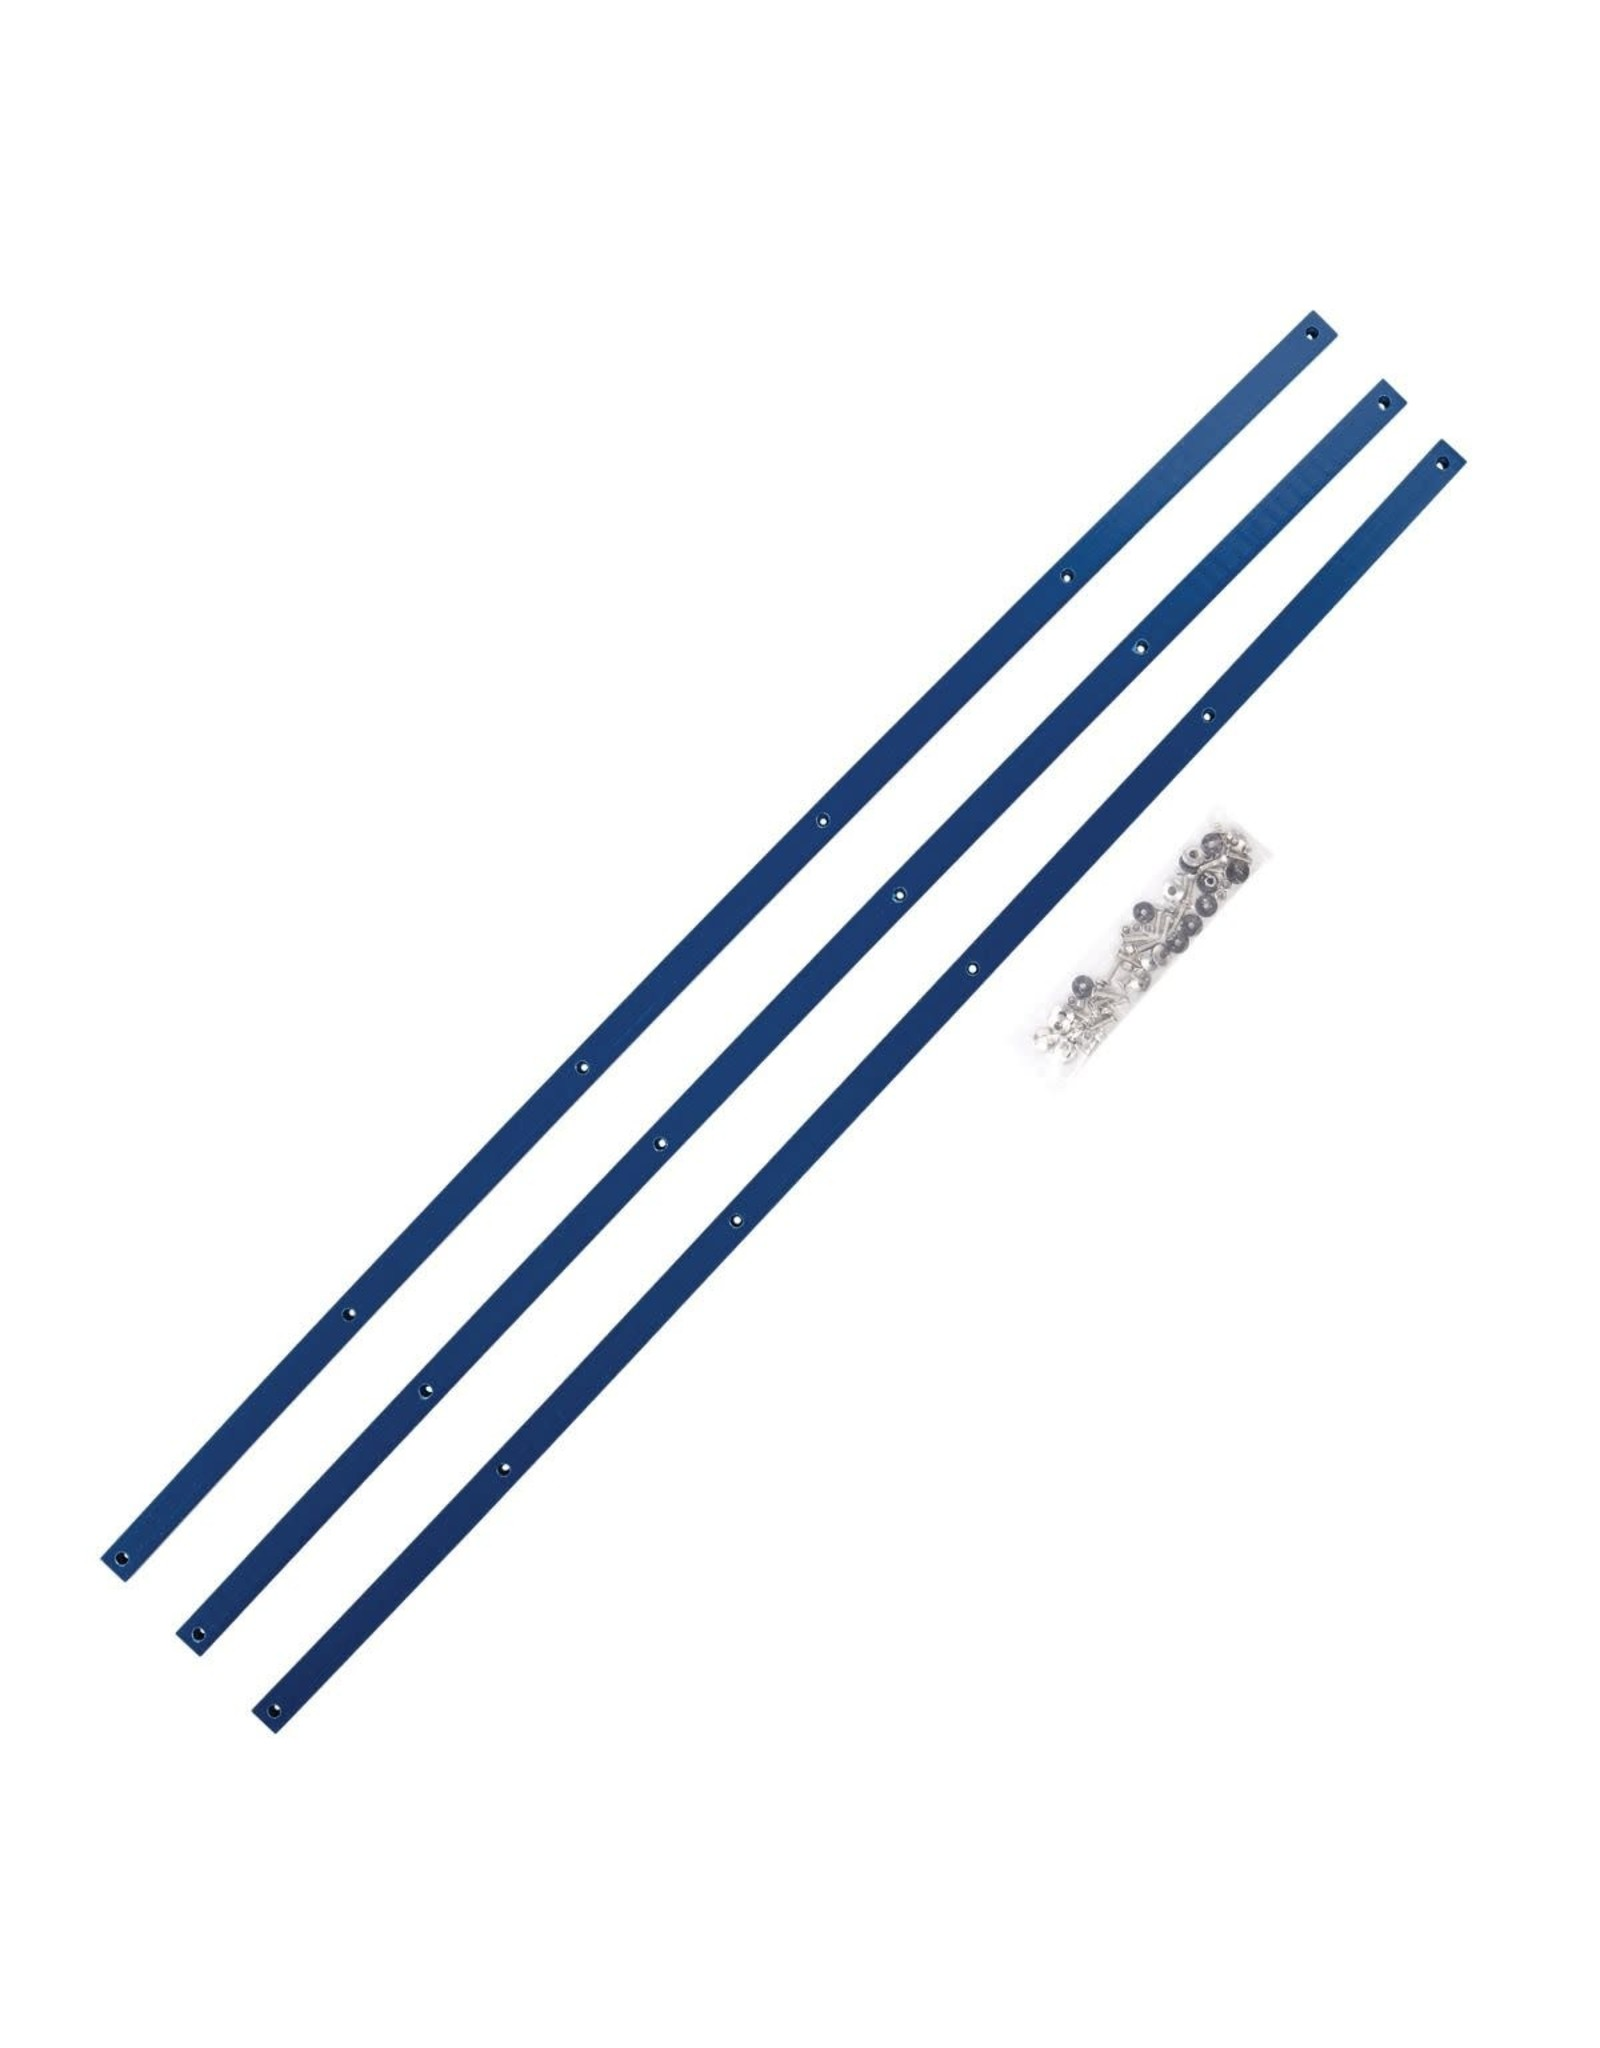 Shappell Shappell Wear Bar Kit (JSR, KDR, JSUV, FX50, FX100)